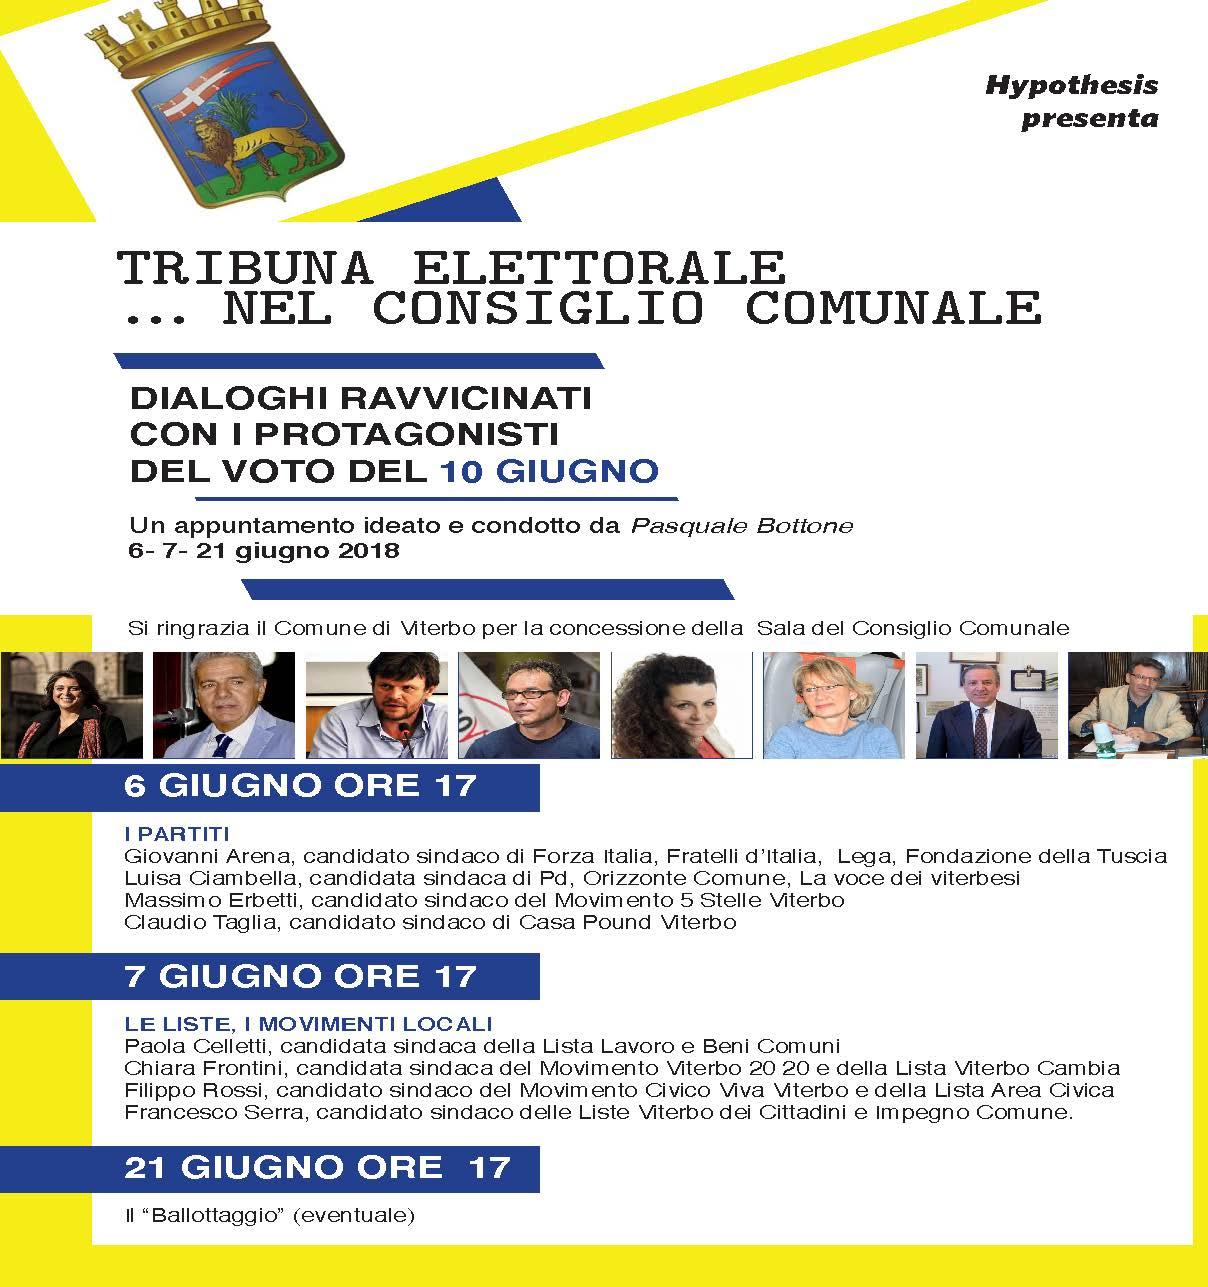 """Comunali: """"Tribuna elettorale..nel consiglio comunale"""", il nuovo format di Pasquale Bottone per accompagnare gli elettori al voto del 10 giugno"""